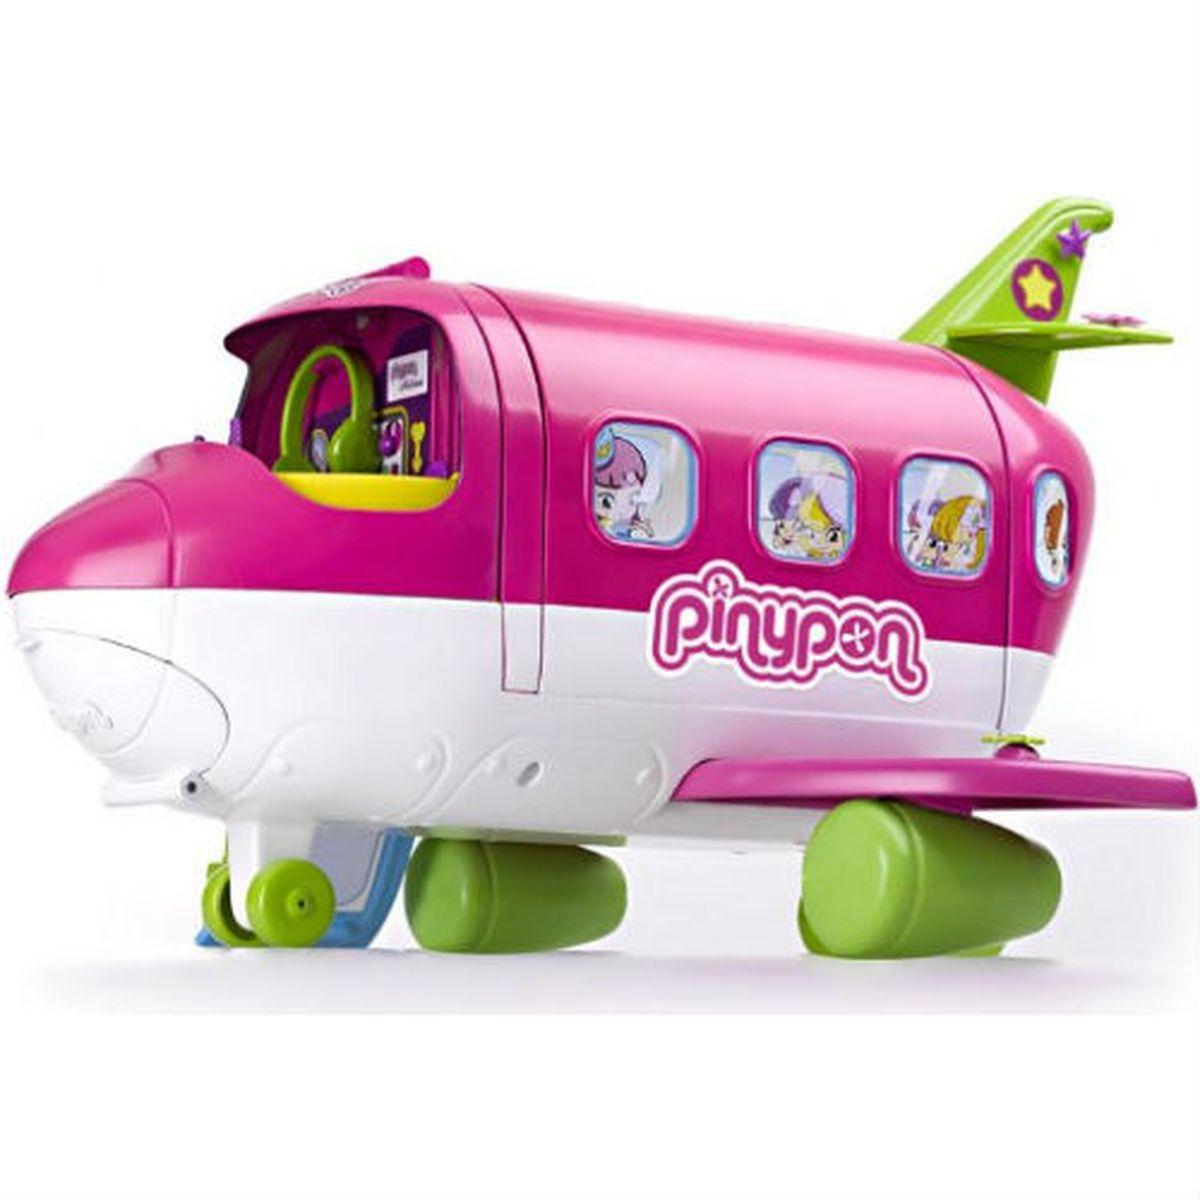 Famosa Игровой набор с мини-куклой Самолет Пинипон700010562Игровой набор Famosa Самолет Пинипон обязательно понравится вашей малышке и станет изюминкой ее игровой коллекции. Мини-куклы Пинипон/Pinypon обожают путешествовать. Они побывали в Париже, Нью-Йорке, Риме, Токио, плавали на лодках, теплоходах, ездили на машинах, велосипедах, а теперь Пинипон поднимаются в небо! Самолет Пинипон - это настоящий образец экономичной организации пространства. В сложенном виде самолет занимает минимум места, но раскрыв его, вы найдете огромное количество вещей, необходимых в любой поездке. Здесь откидывается и поднимается лесенка, отъезжает вбок хвост самолета, в носовой части есть отделение для багажа, открывается микроволновка, выезжает гладильная доска, раскладывается спальное место… Самолет полон сюрпризов! Транспортное средство делится на 4 части: в кабине - место пилота, оснащенное приборами для управления полетом, наверху - диджейский пульт и коллекция пластинок для вечеринки, под ними - гостиная, которая ночью трансформируется в...